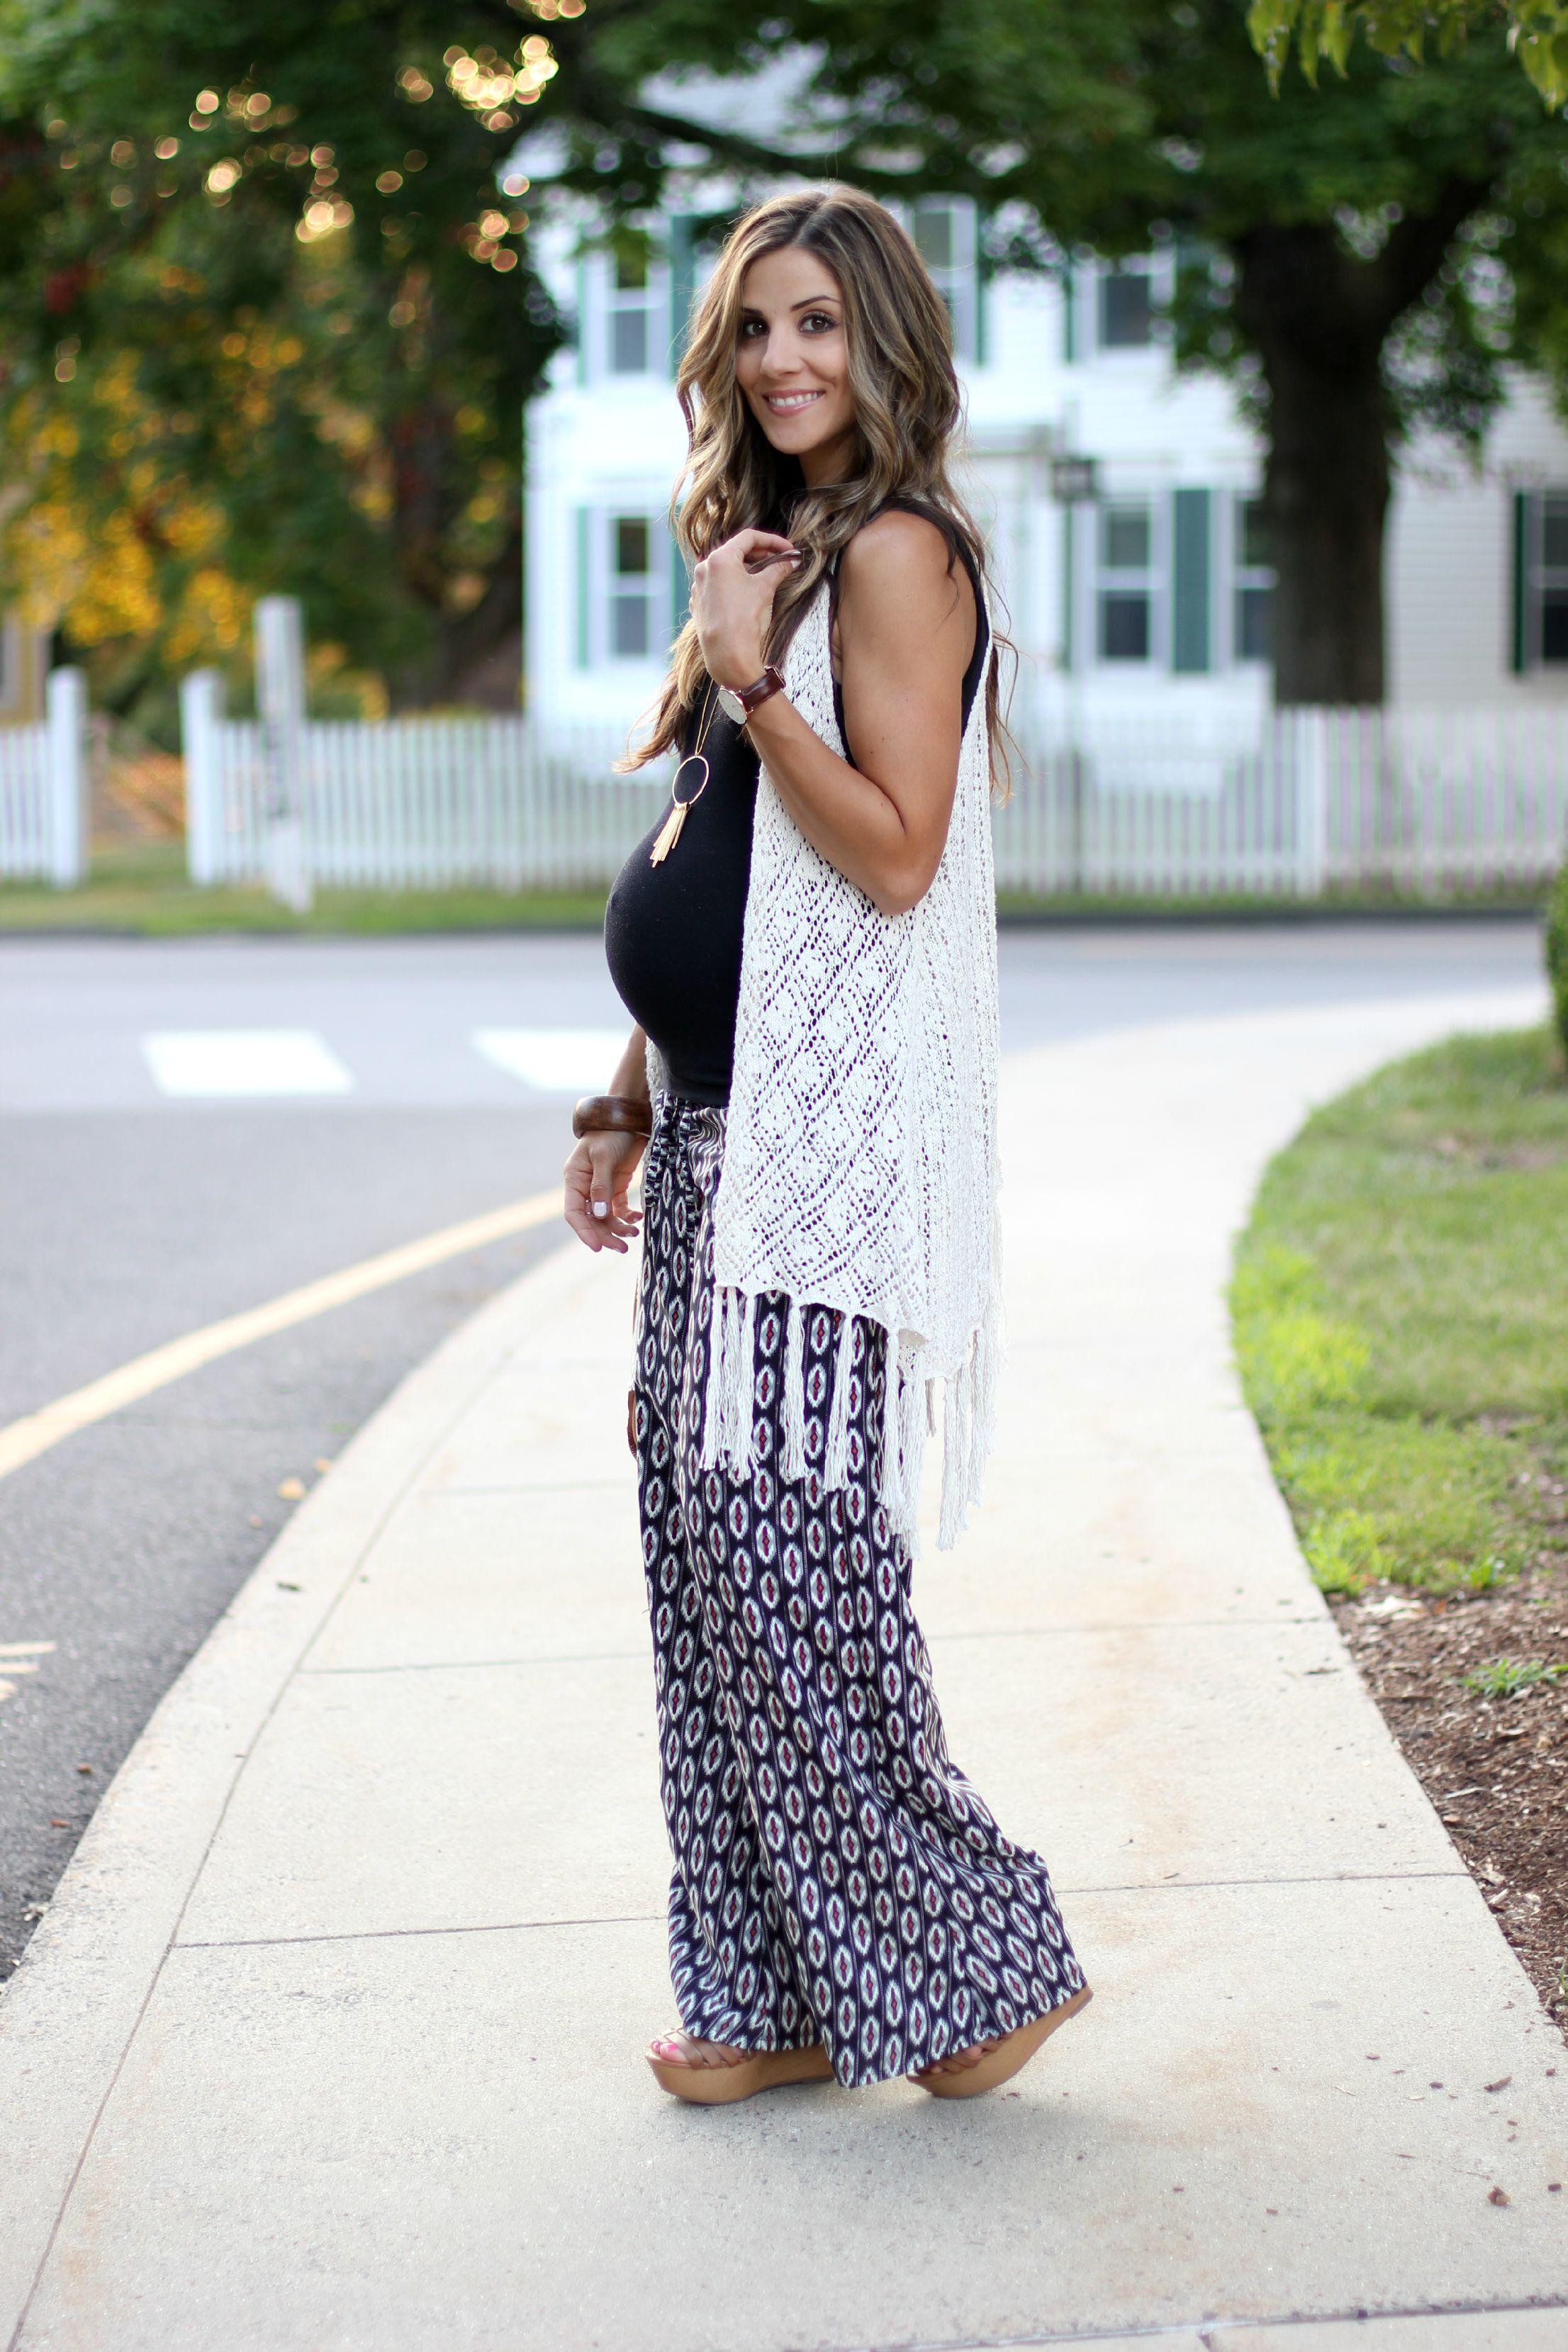 de577691601b2 Printed Pants and Crochet Fringe - Lauren McBride